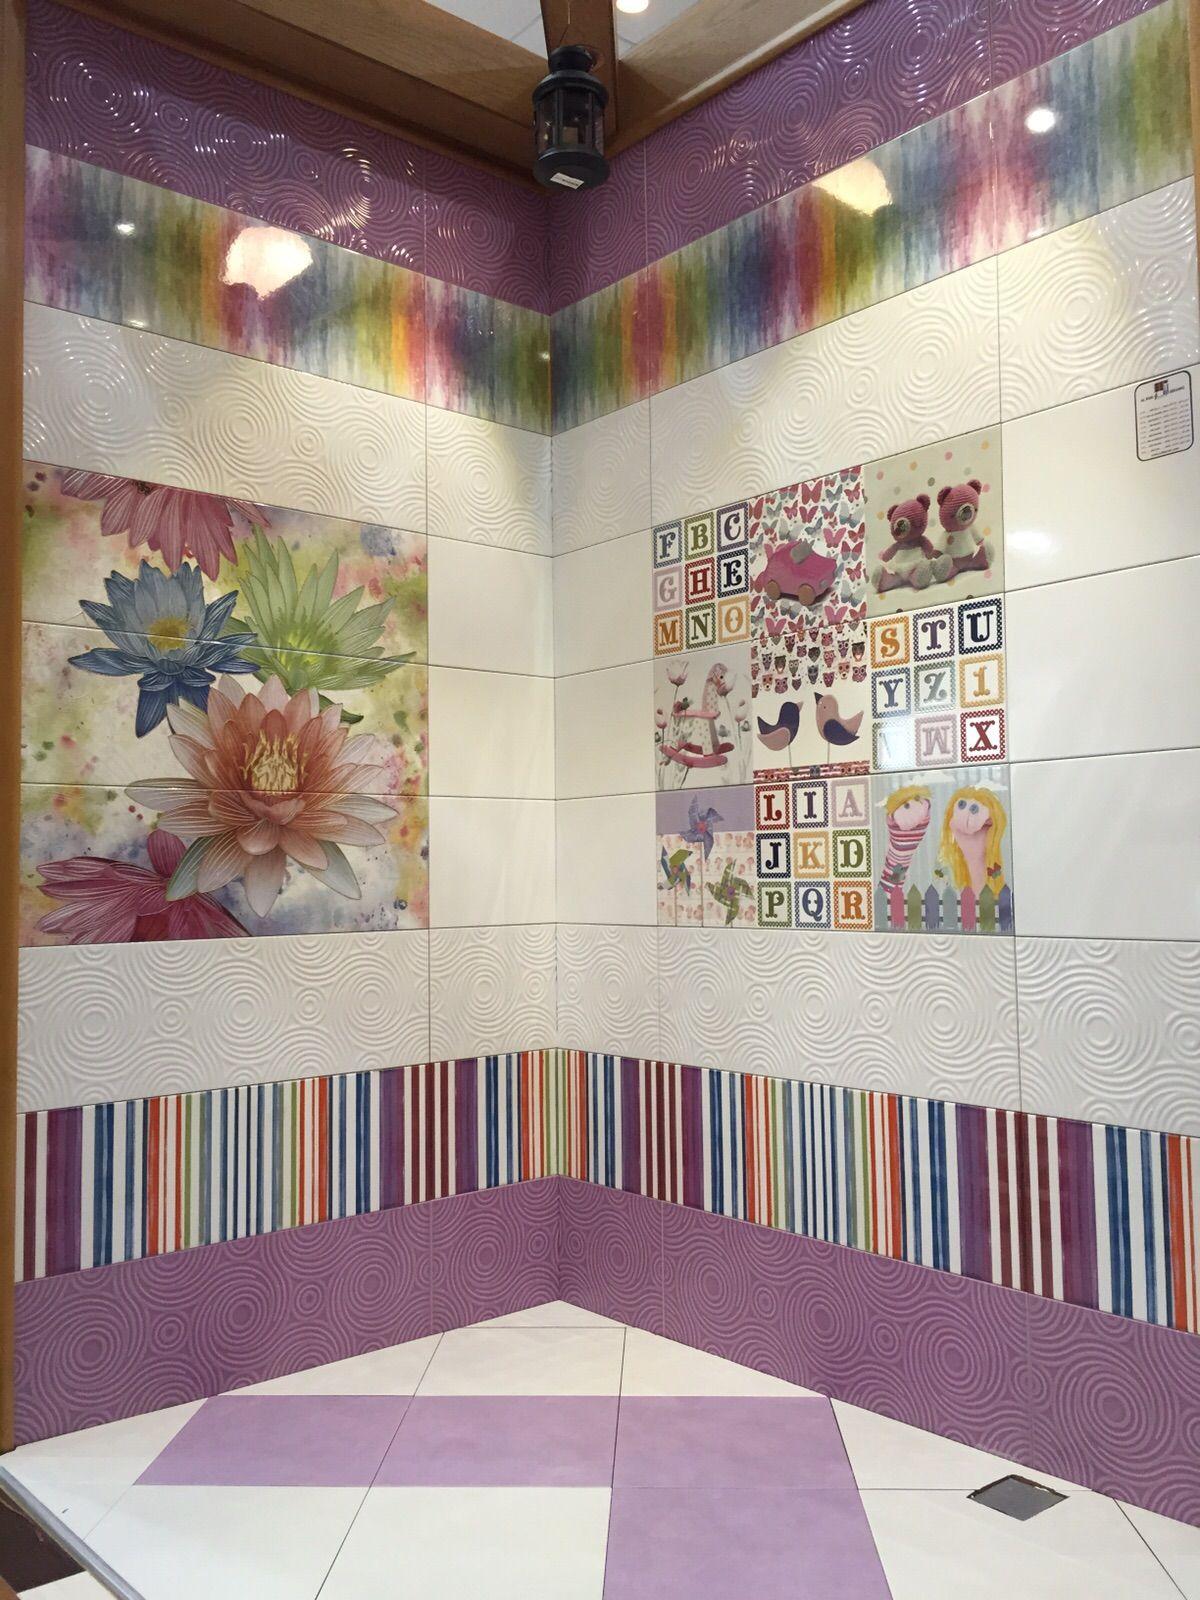 Exposicion Cuarto De Baño En Azulejos Y Ceramica Youtube  silicon valley